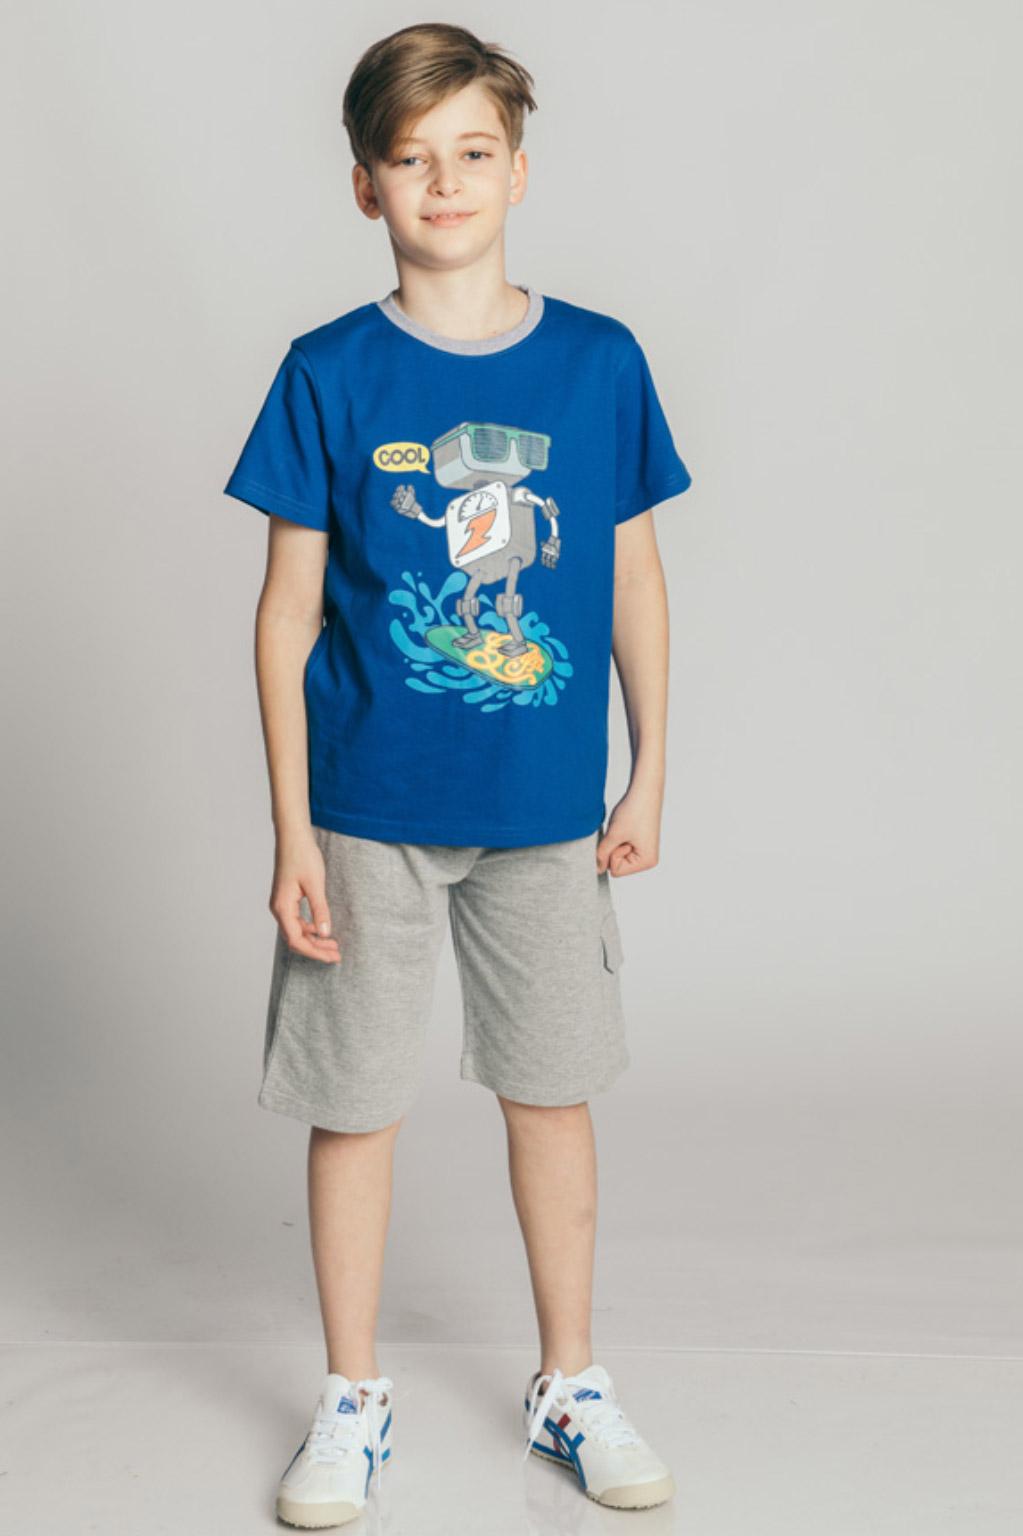 חליפת פרנץ' טרי לילדים - כחול רויאל